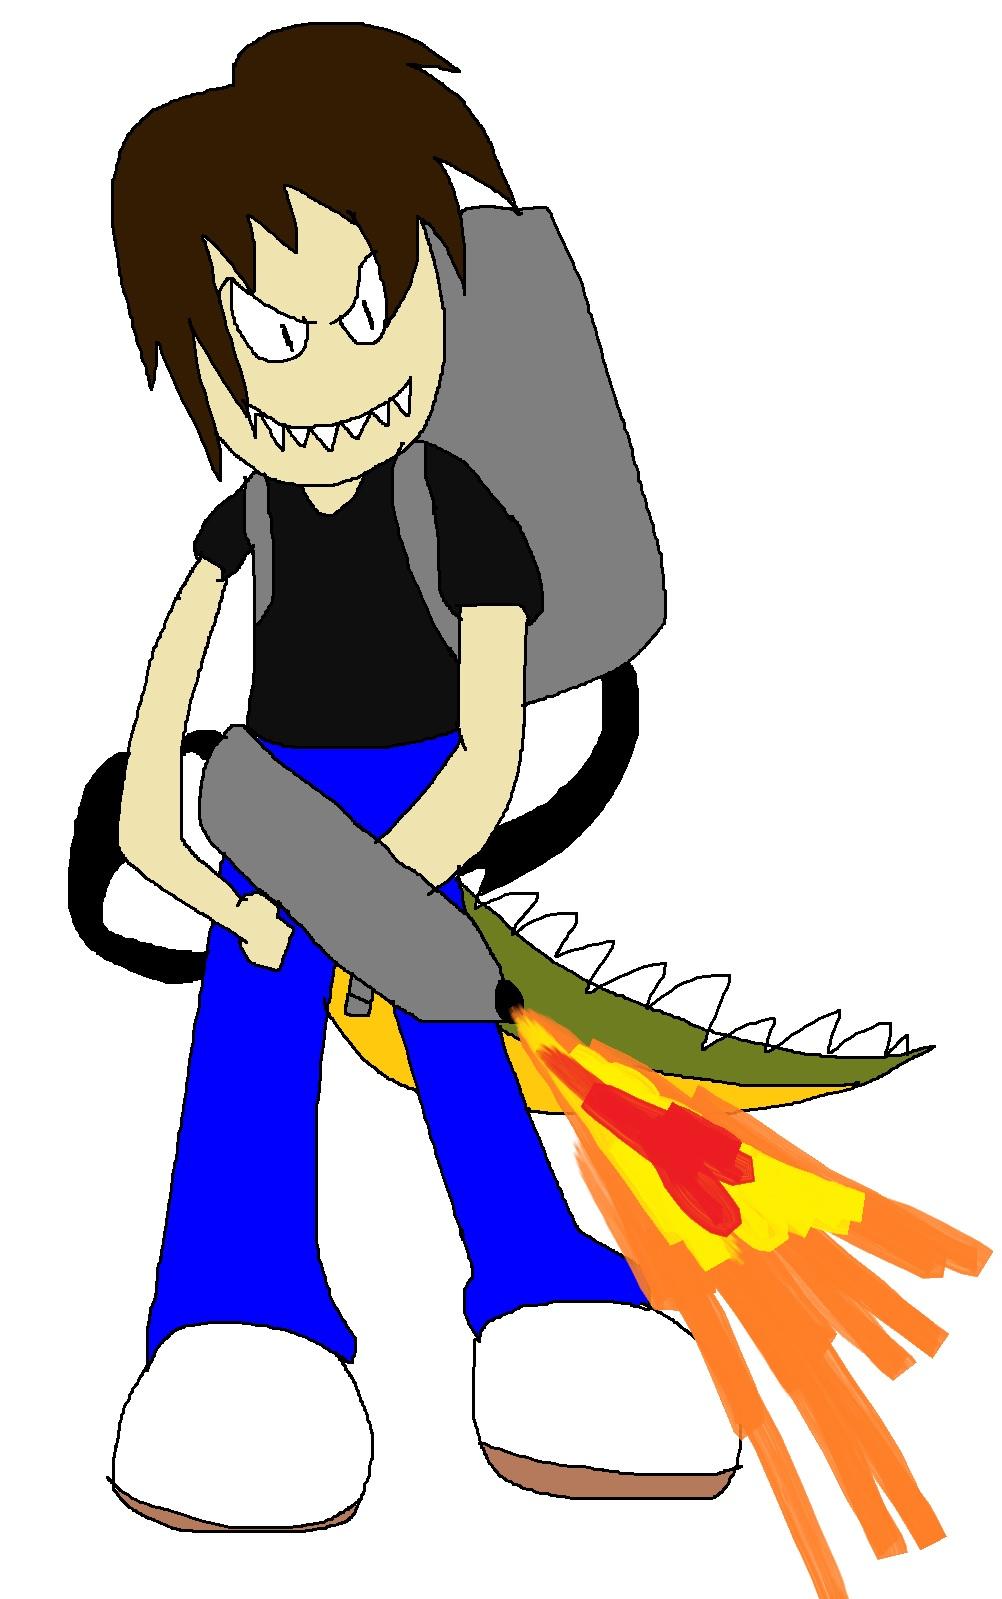 Arthur doing like Dingodile by Rainbow-Dash-Rockz